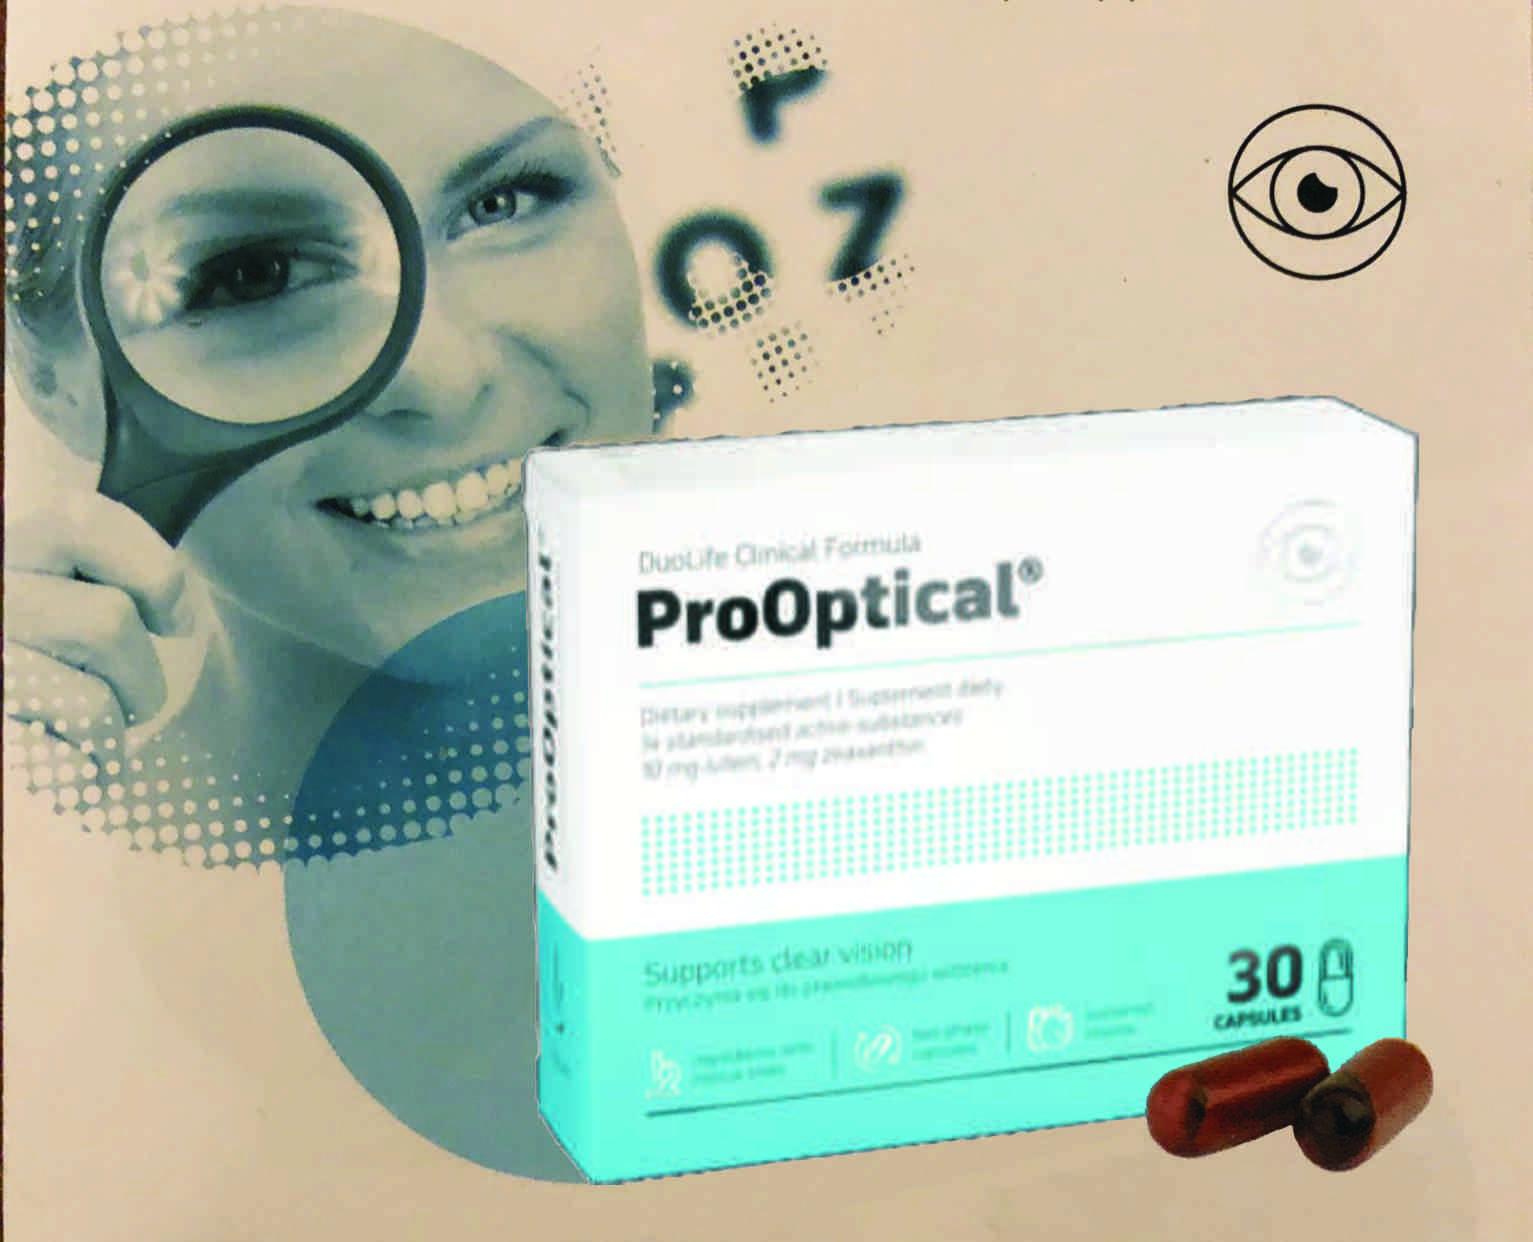 ProSOptical